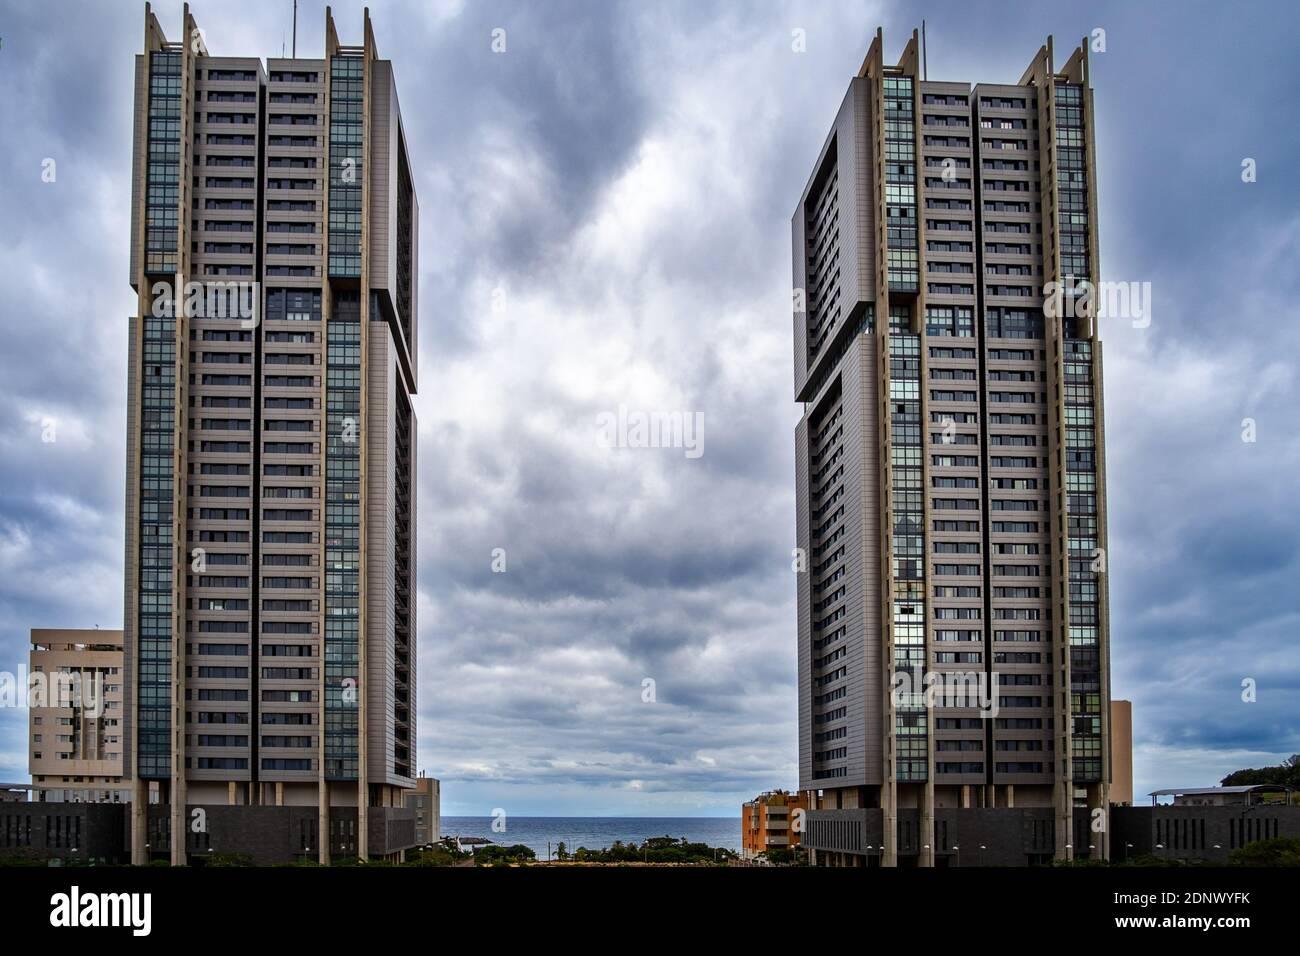 Basso Angolo di visione degli edifici contro il cielo nuvoloso Foto Stock